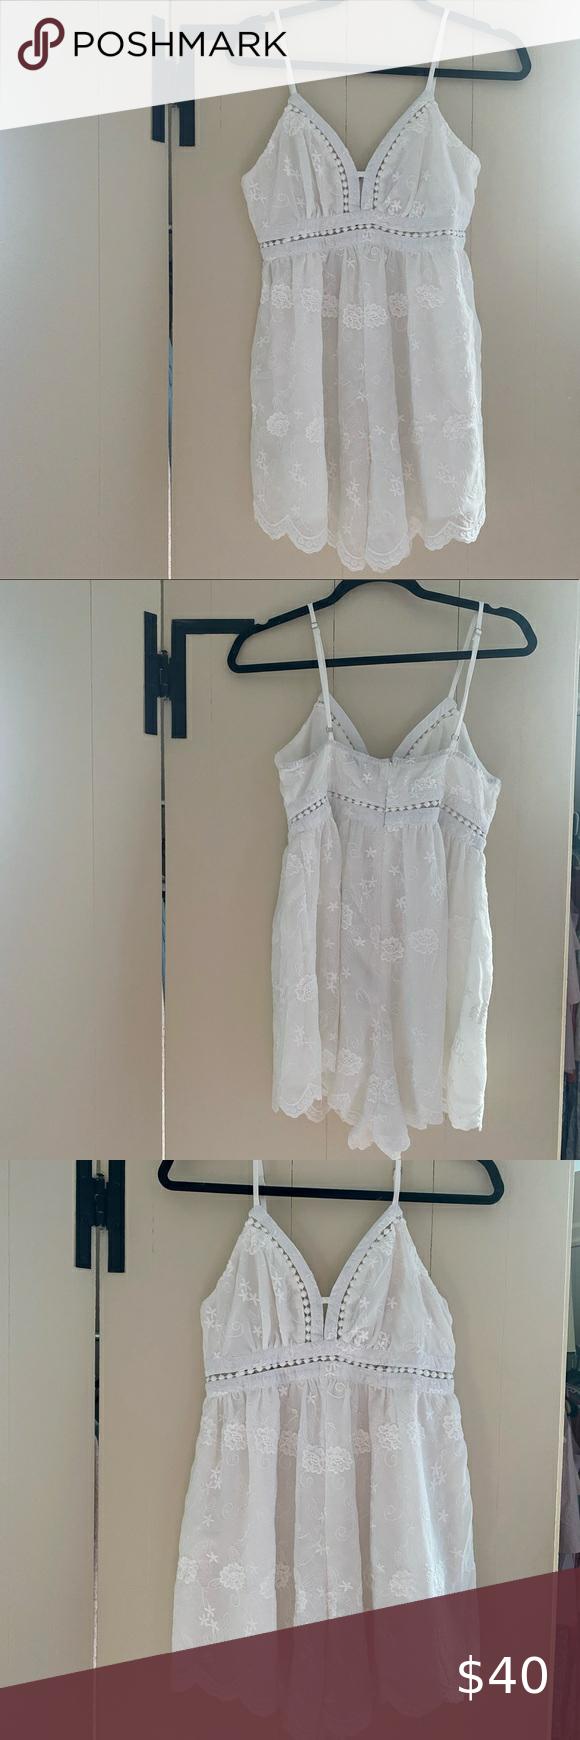 Showpo Wrap Dress | Dresses, Wrap dress, Fashion